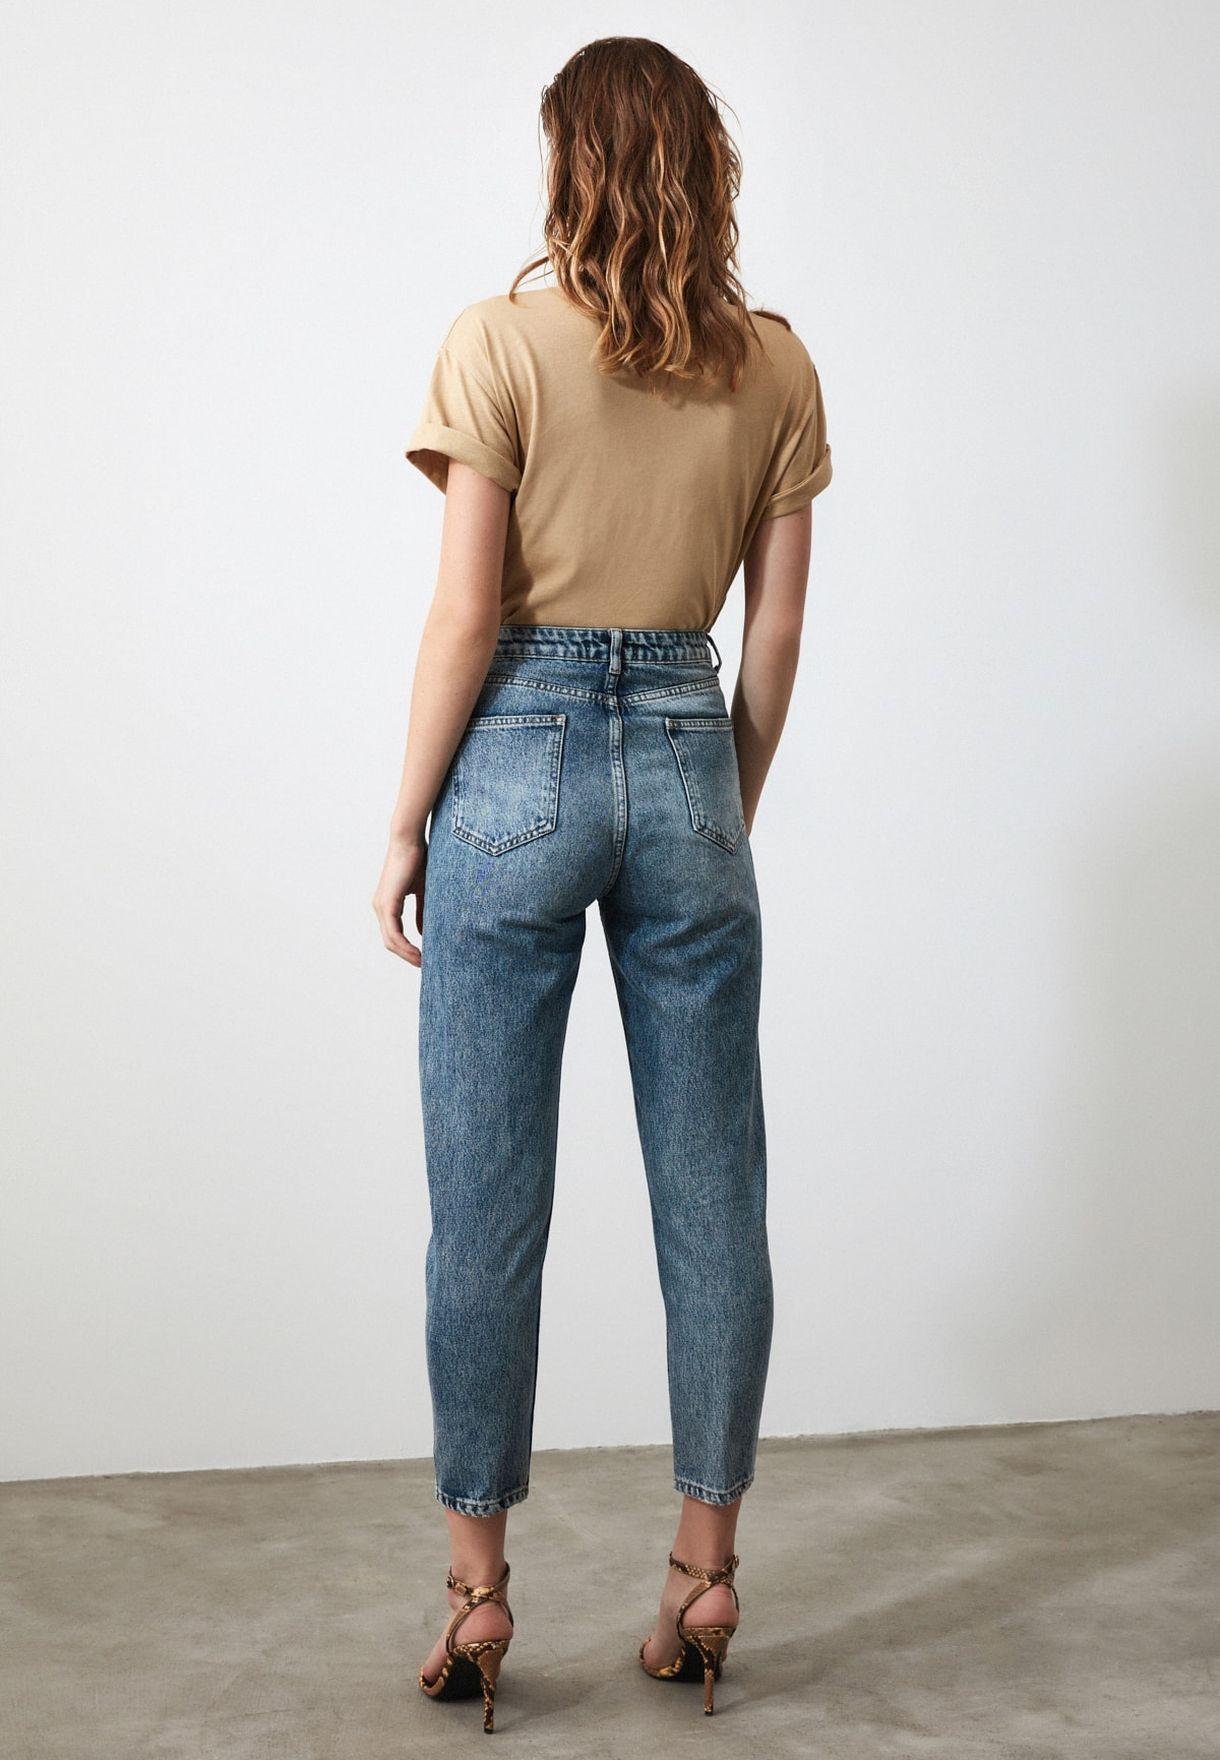 جينز مام بشقوق